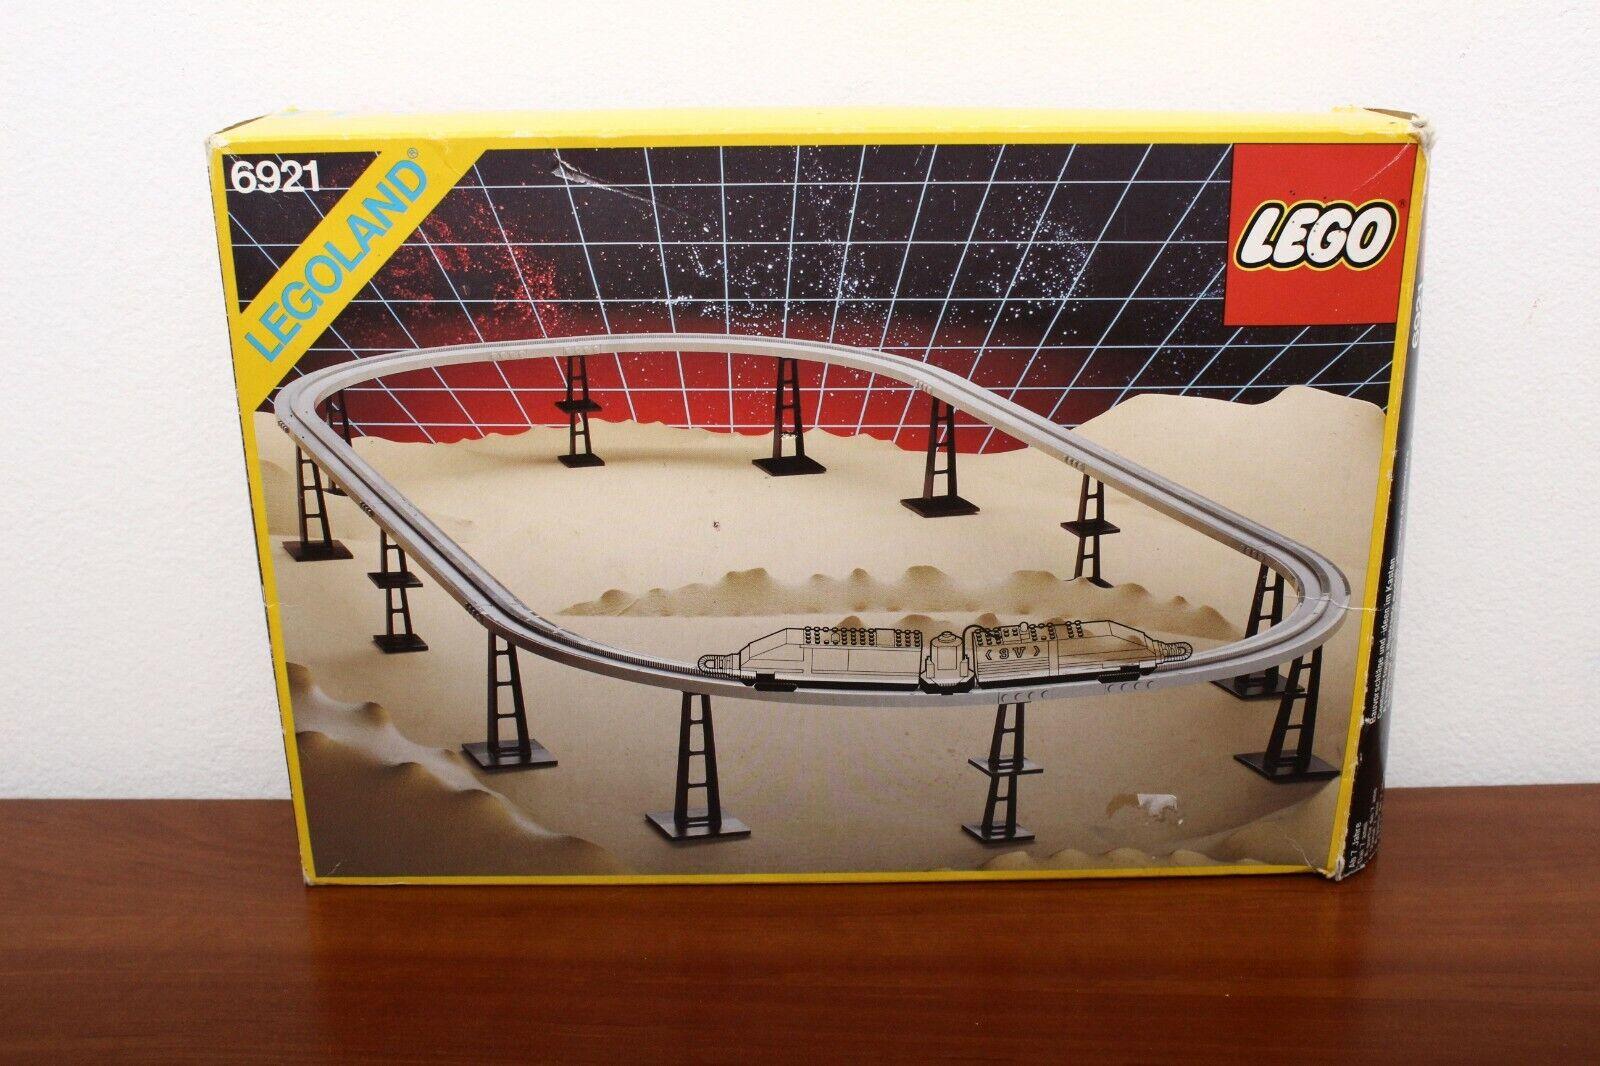 Lego Espace supplémentaire Set 6921-1 moonrail accessoire piste 100% Cmplt. + Instr + Boîte